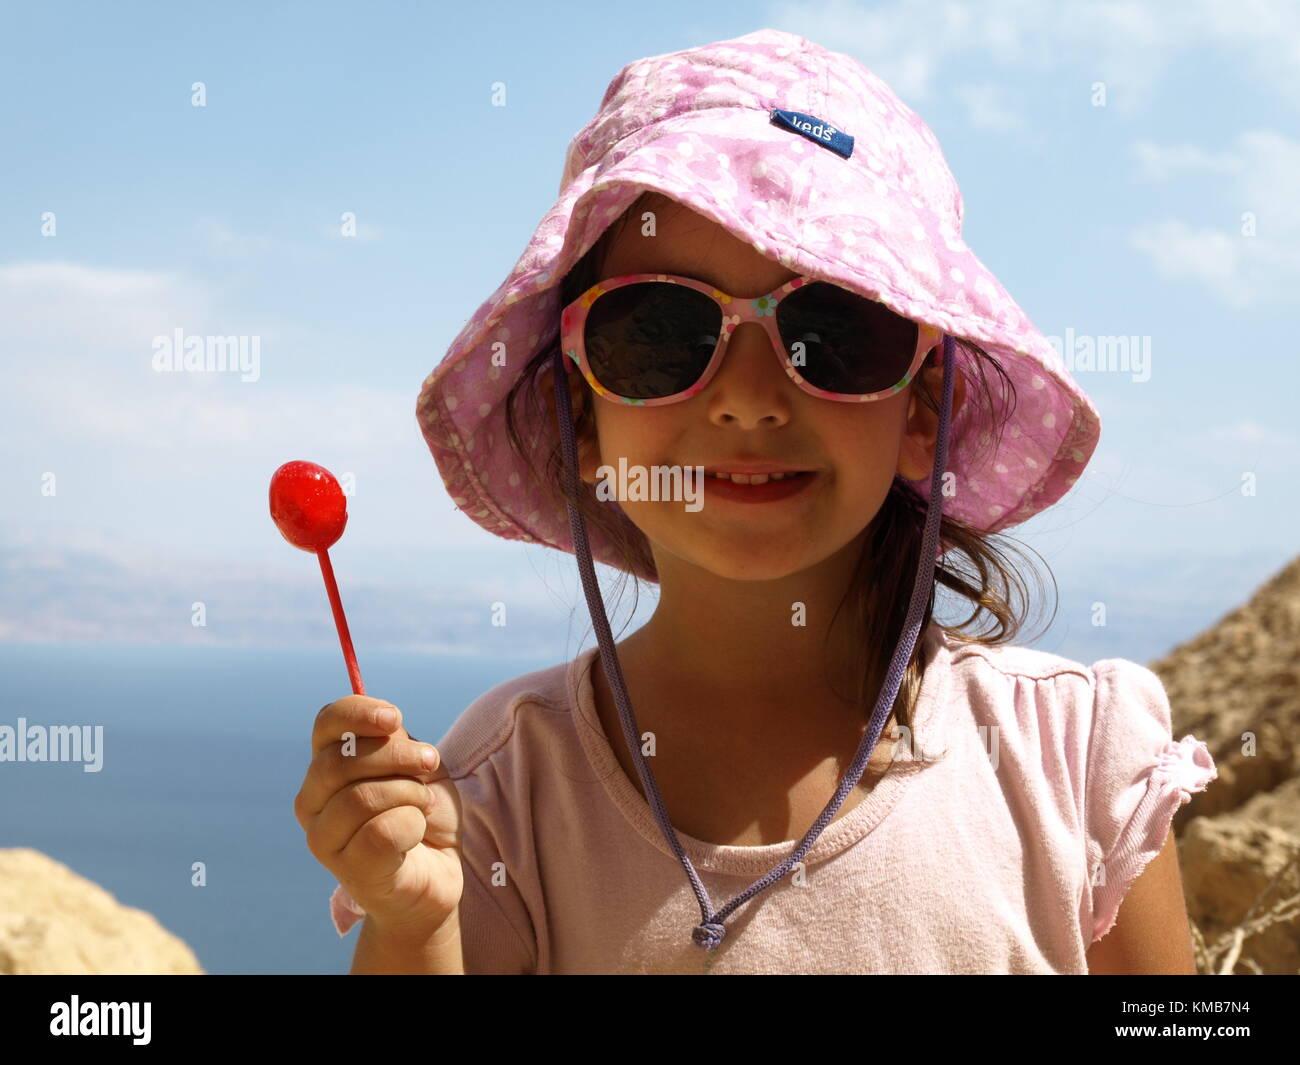 Ein lächelndes Mädchen mit Lollipop auf einer Wanderung Stockfoto